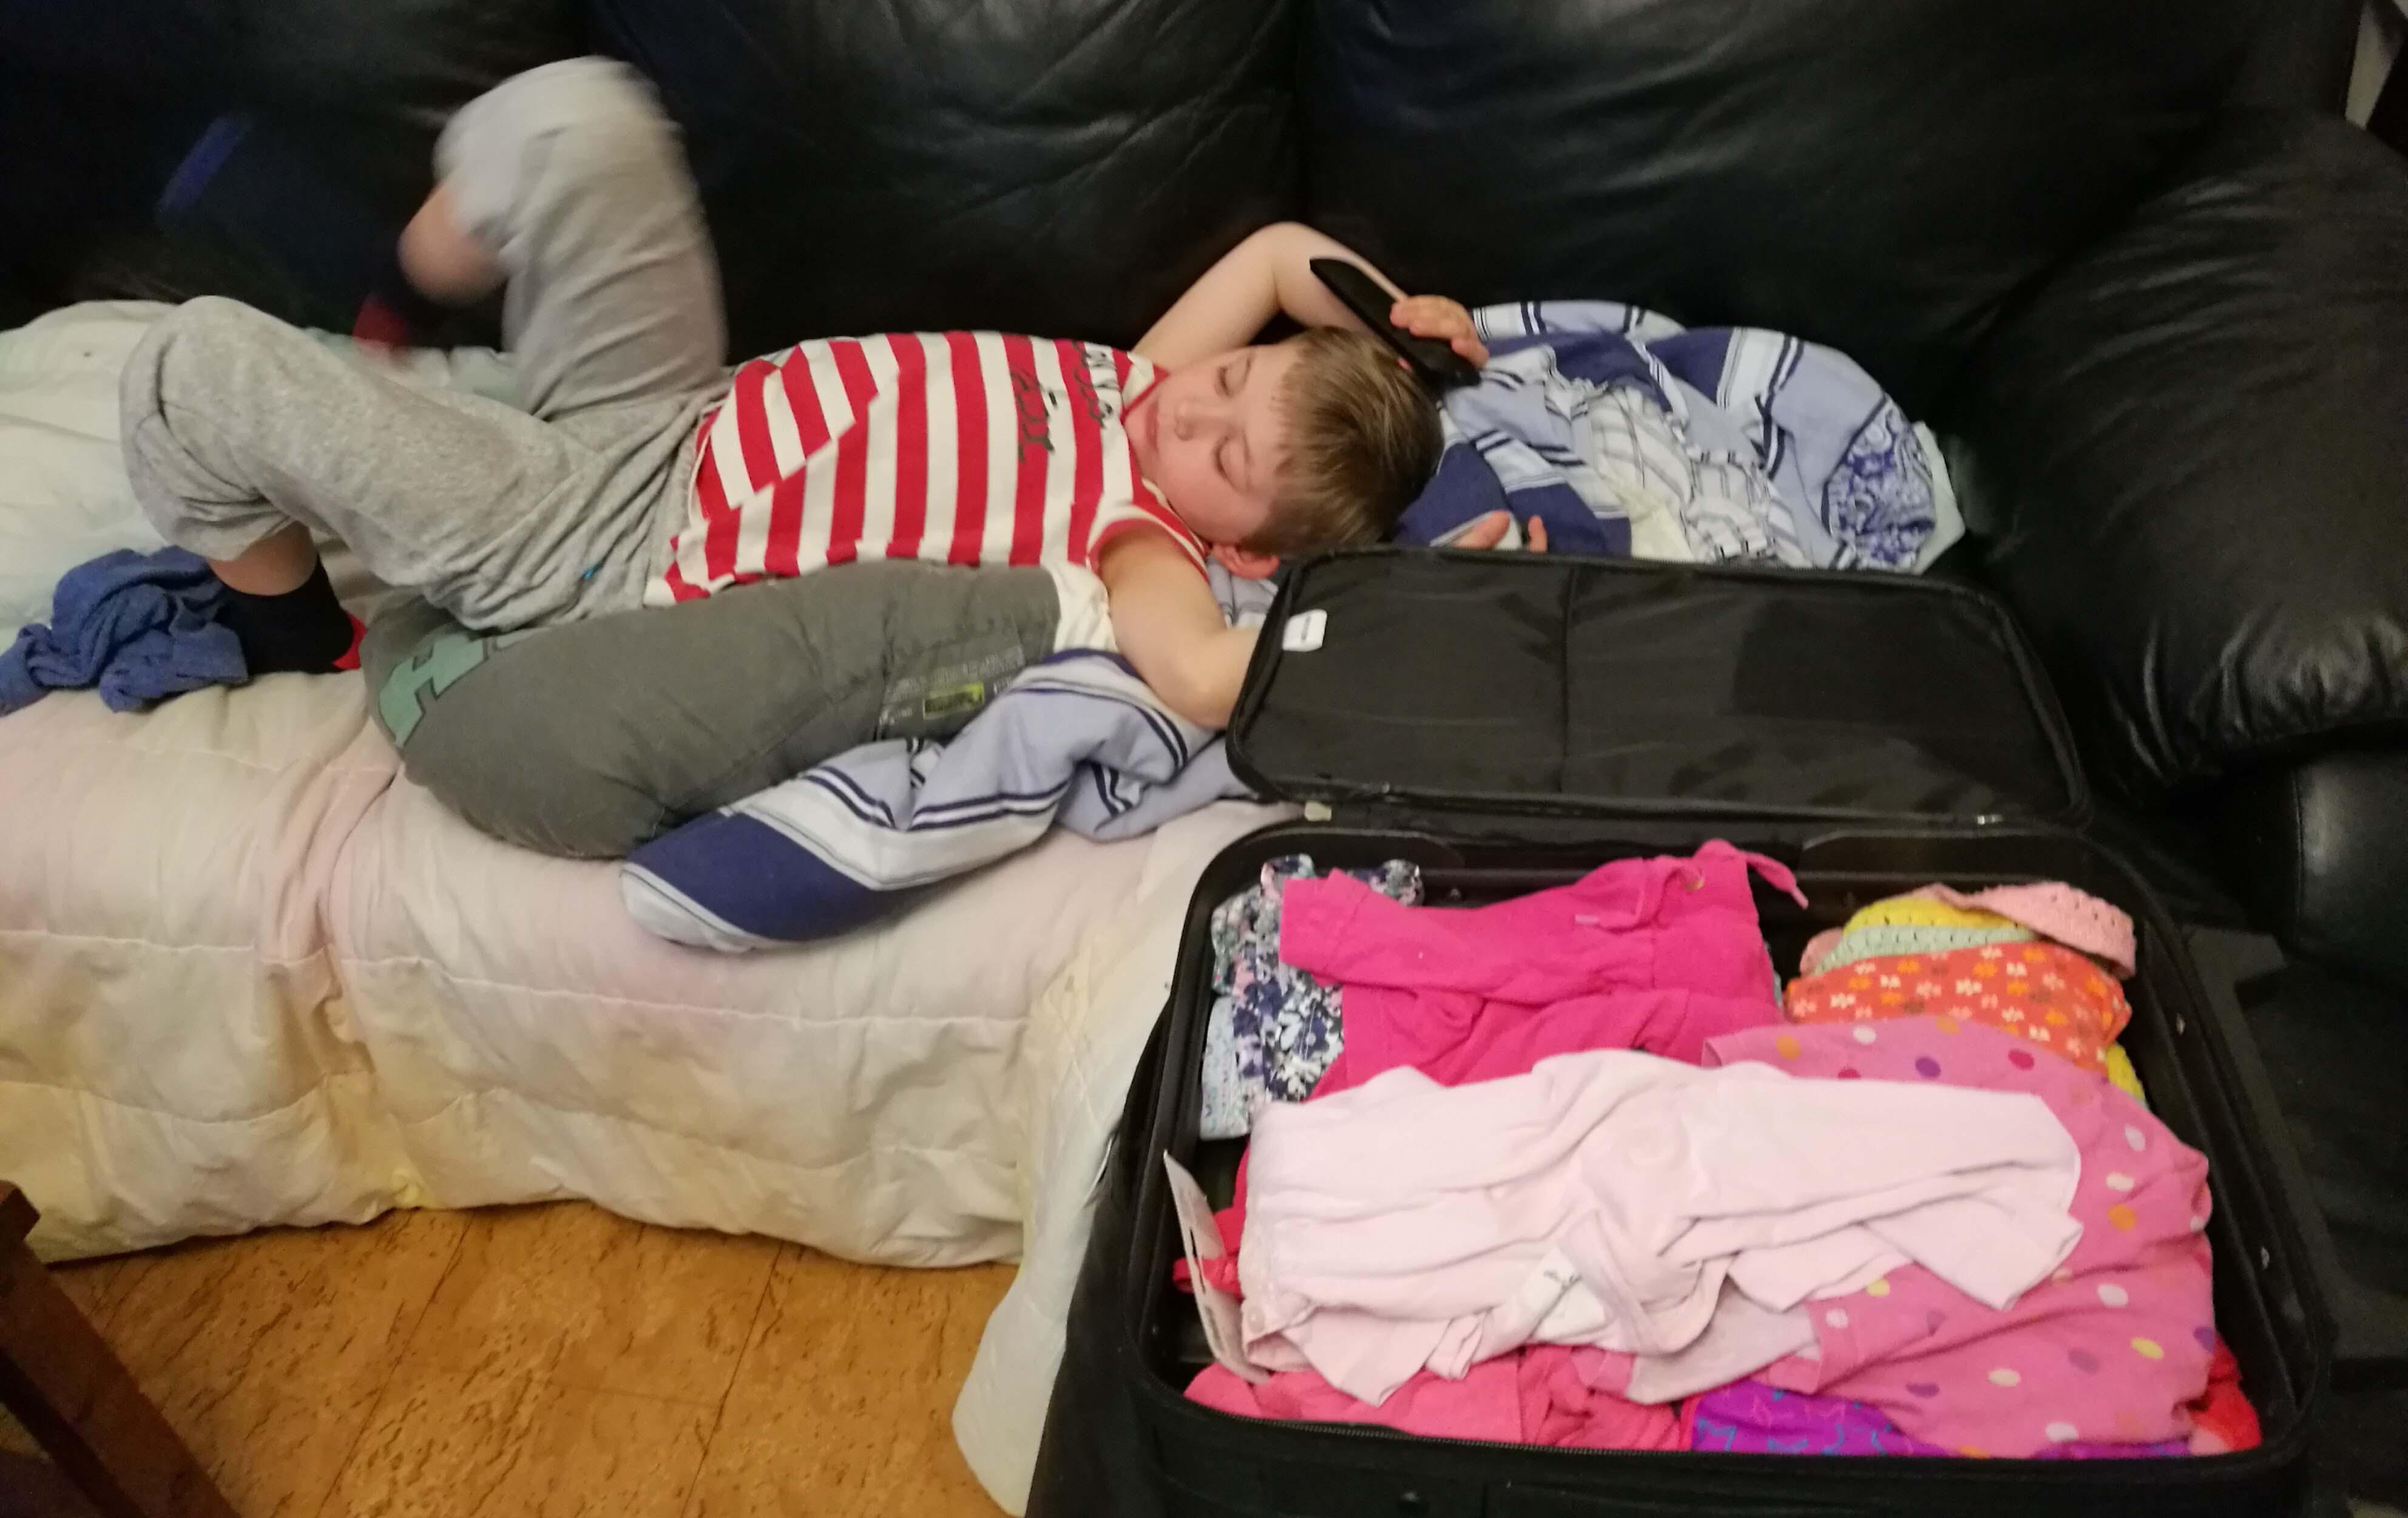 Kuusivuotias ottaa rennosti, kun äiti pakkaa. Taaperoa puolestaan kiinnostaisi lähinnä vaatteiden repiminen pois matkalaukusta.